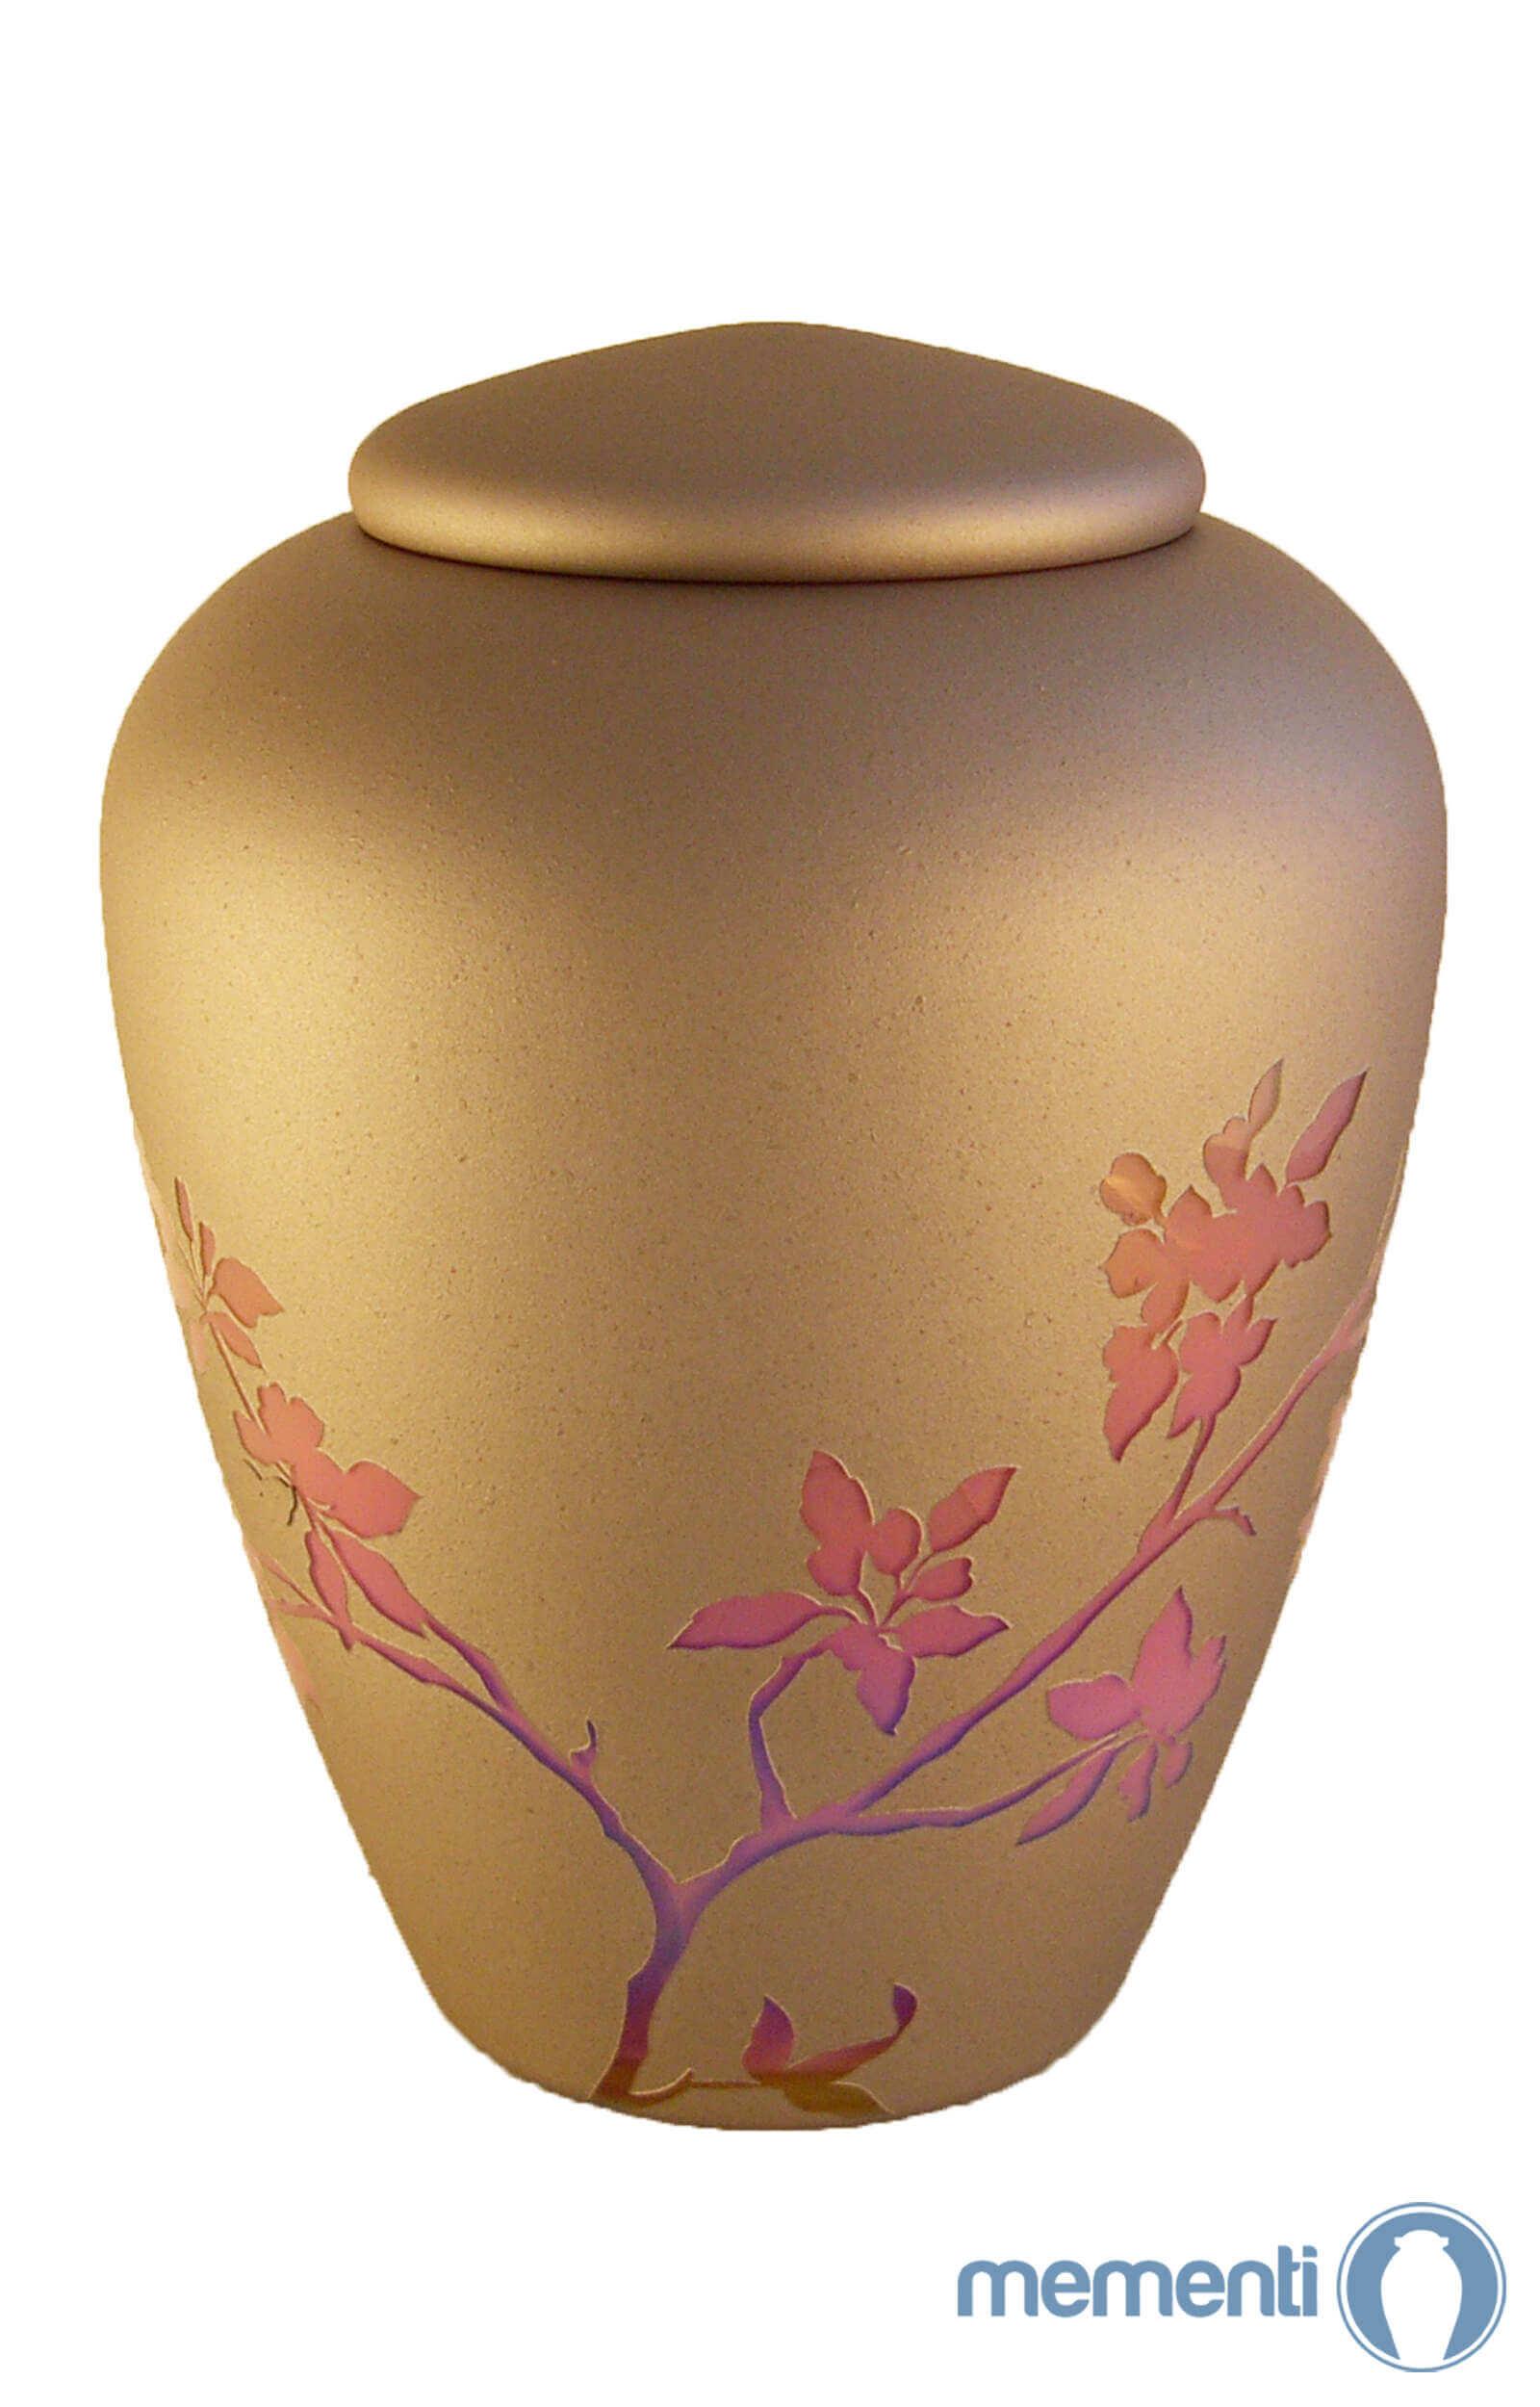 en G08 pink blossom glass urn